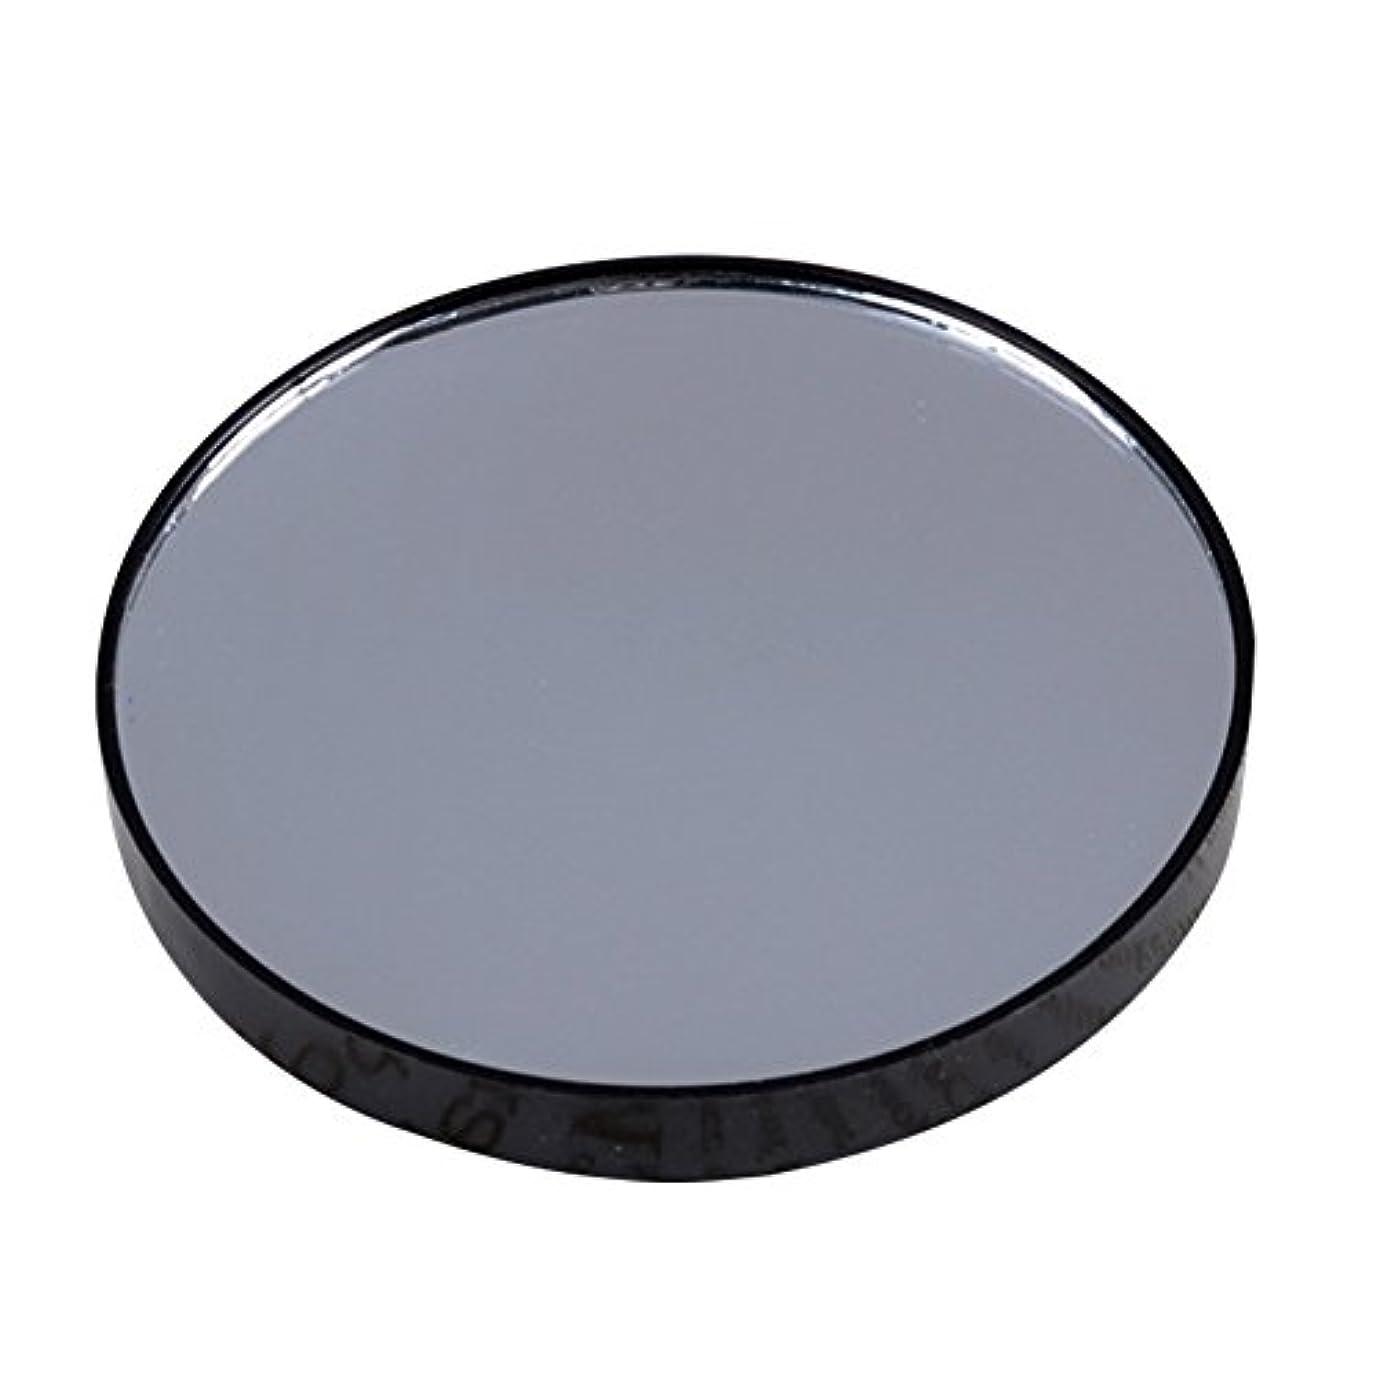 まっすぐ治す性能YideaHome メイクアップミラー 化粧鏡 拡大鏡 5倍 10倍 15倍 強力吸盤付き メイクミラー 化粧ミラー (15倍)